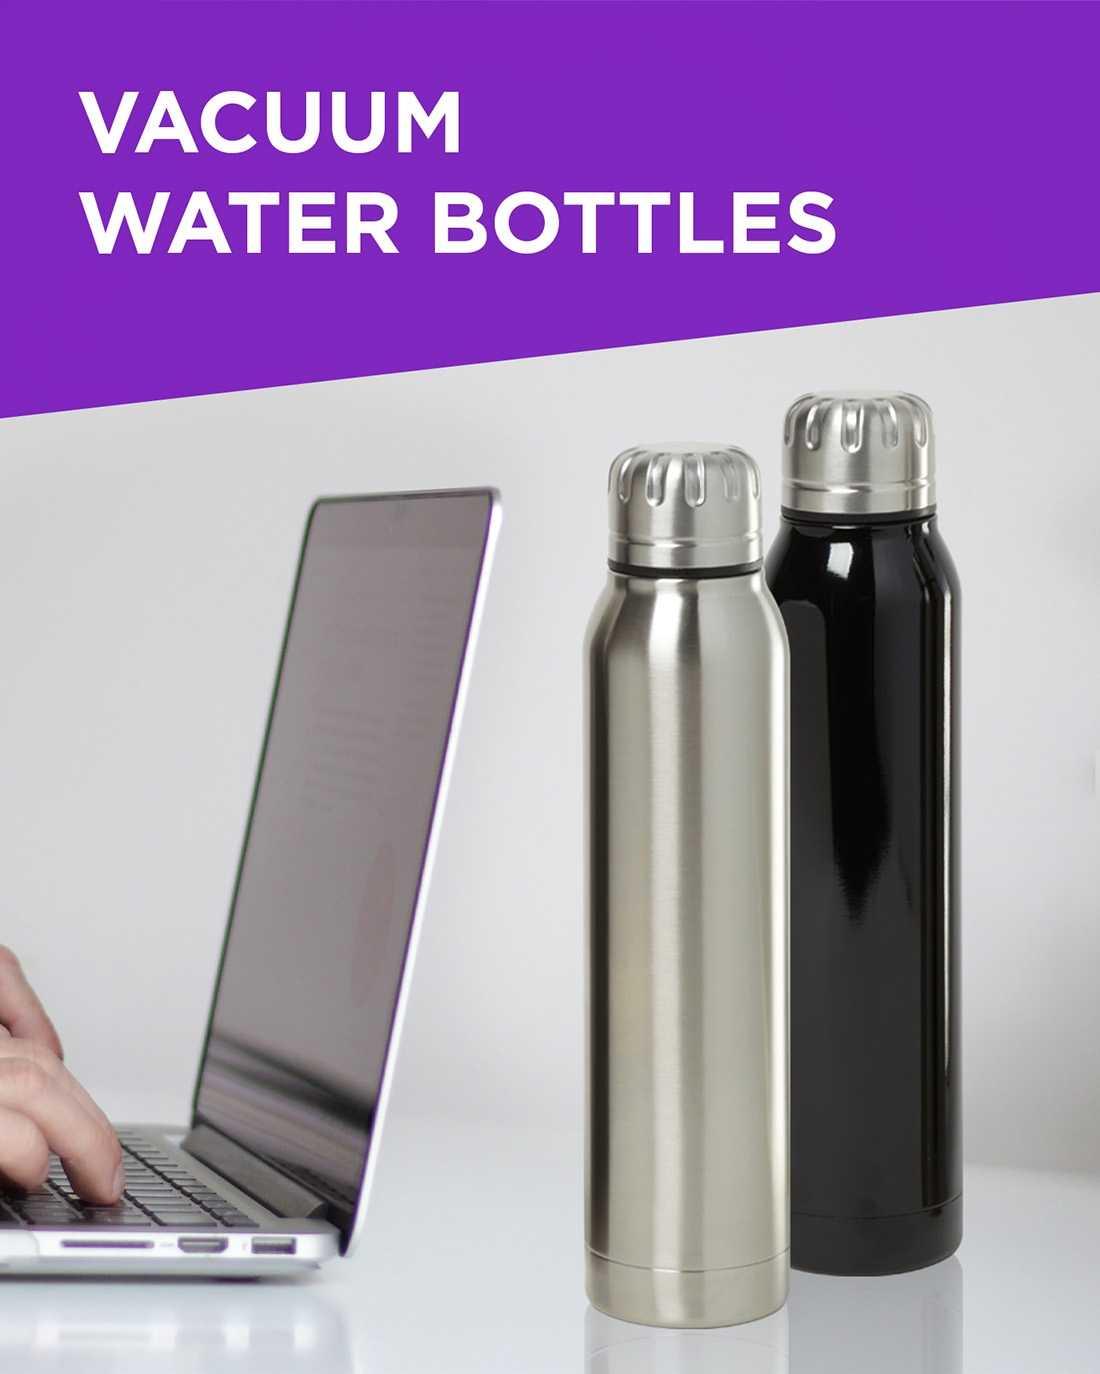 Vacuum Water Bottles AIM